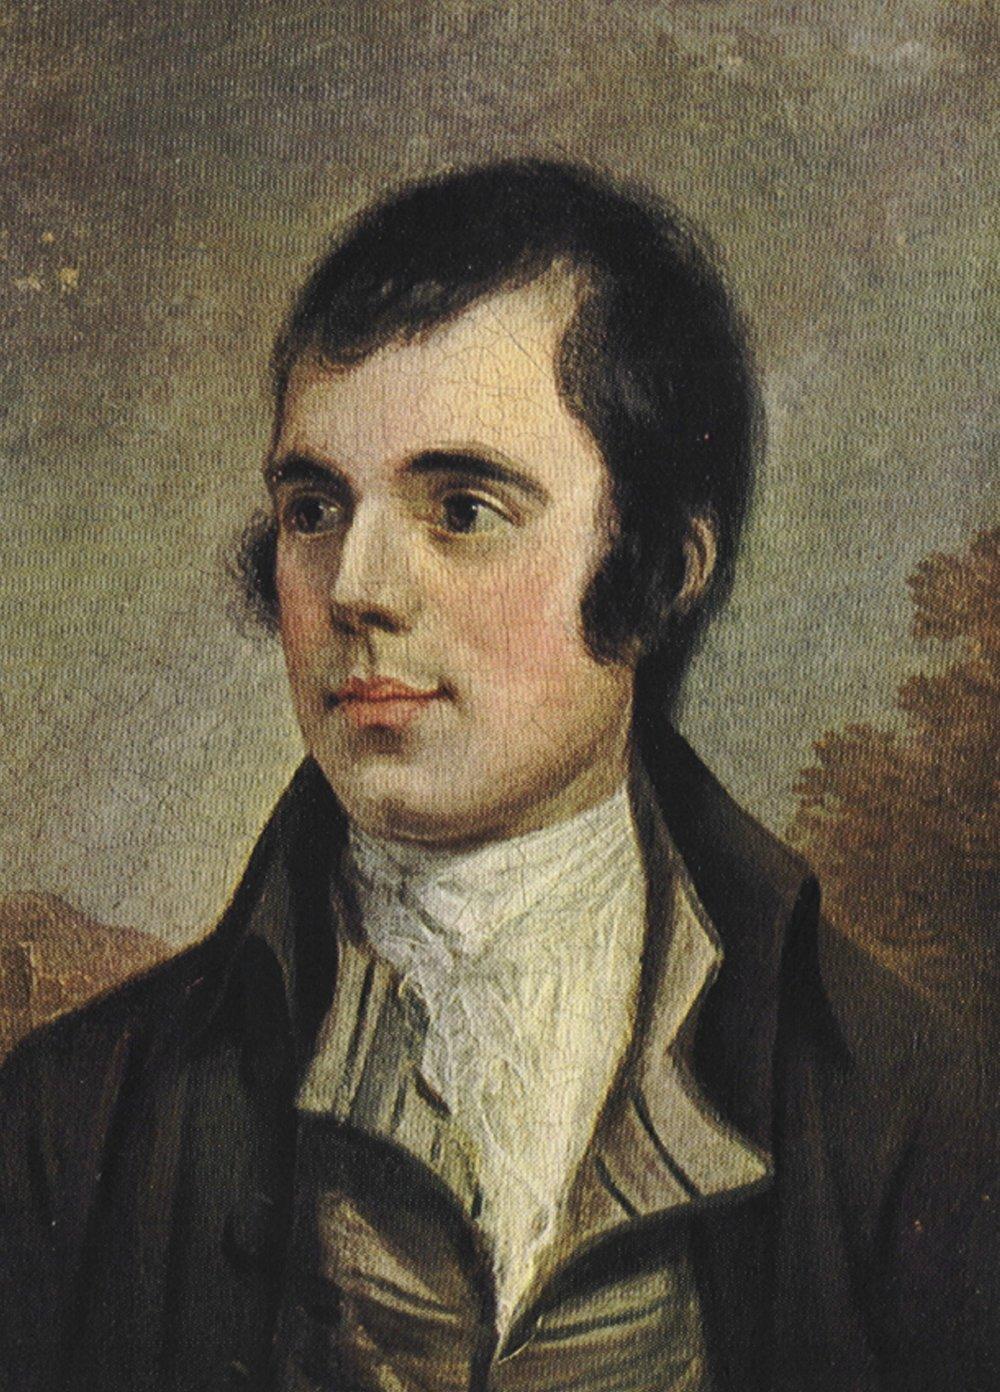 RobertBurns, Poet - 1759 - 1796